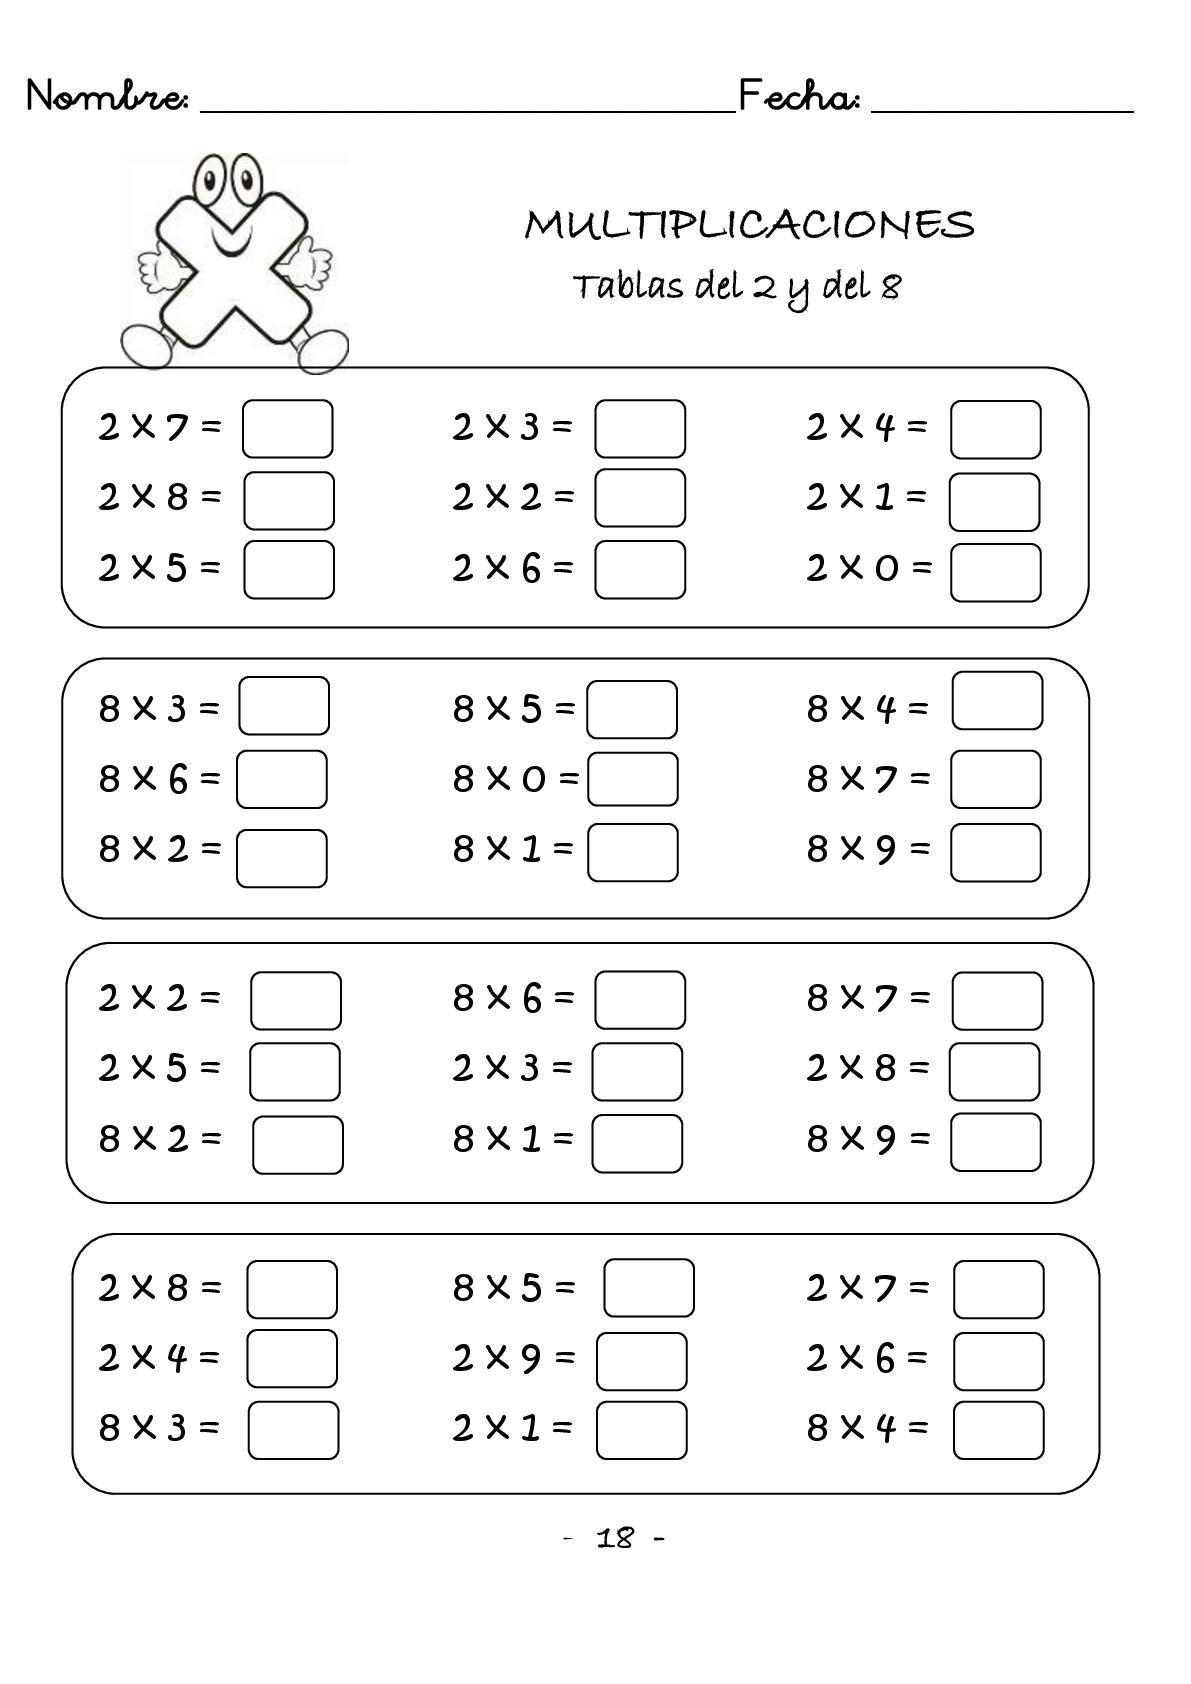 multiplicaciones-rapidas-una-cifra-protegido-019